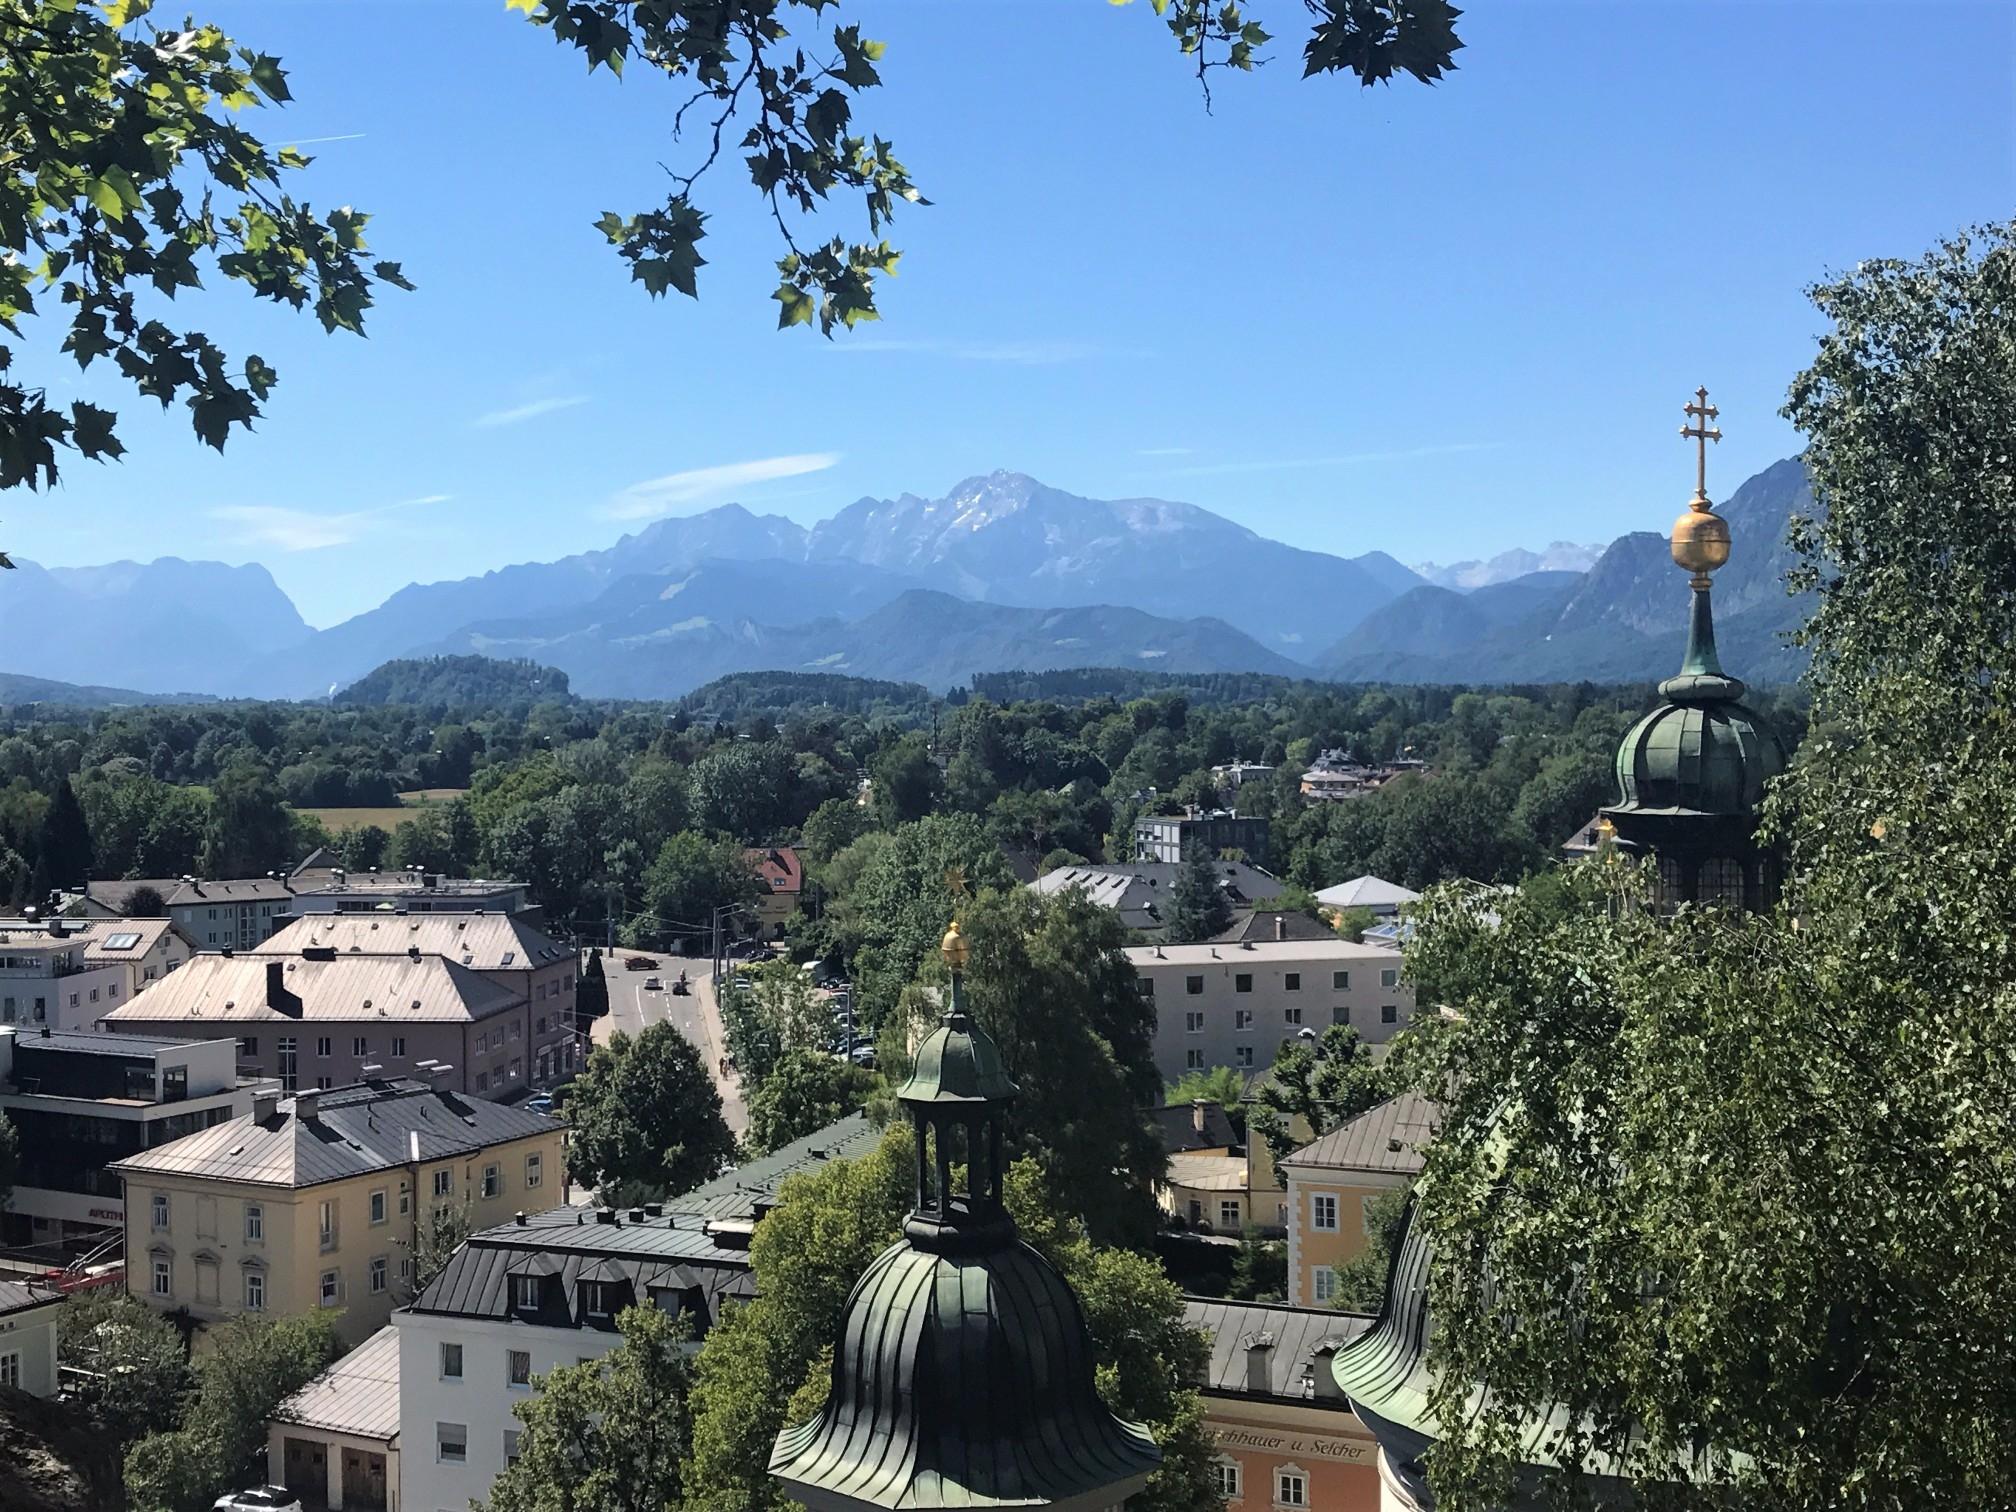 Nonnberg view